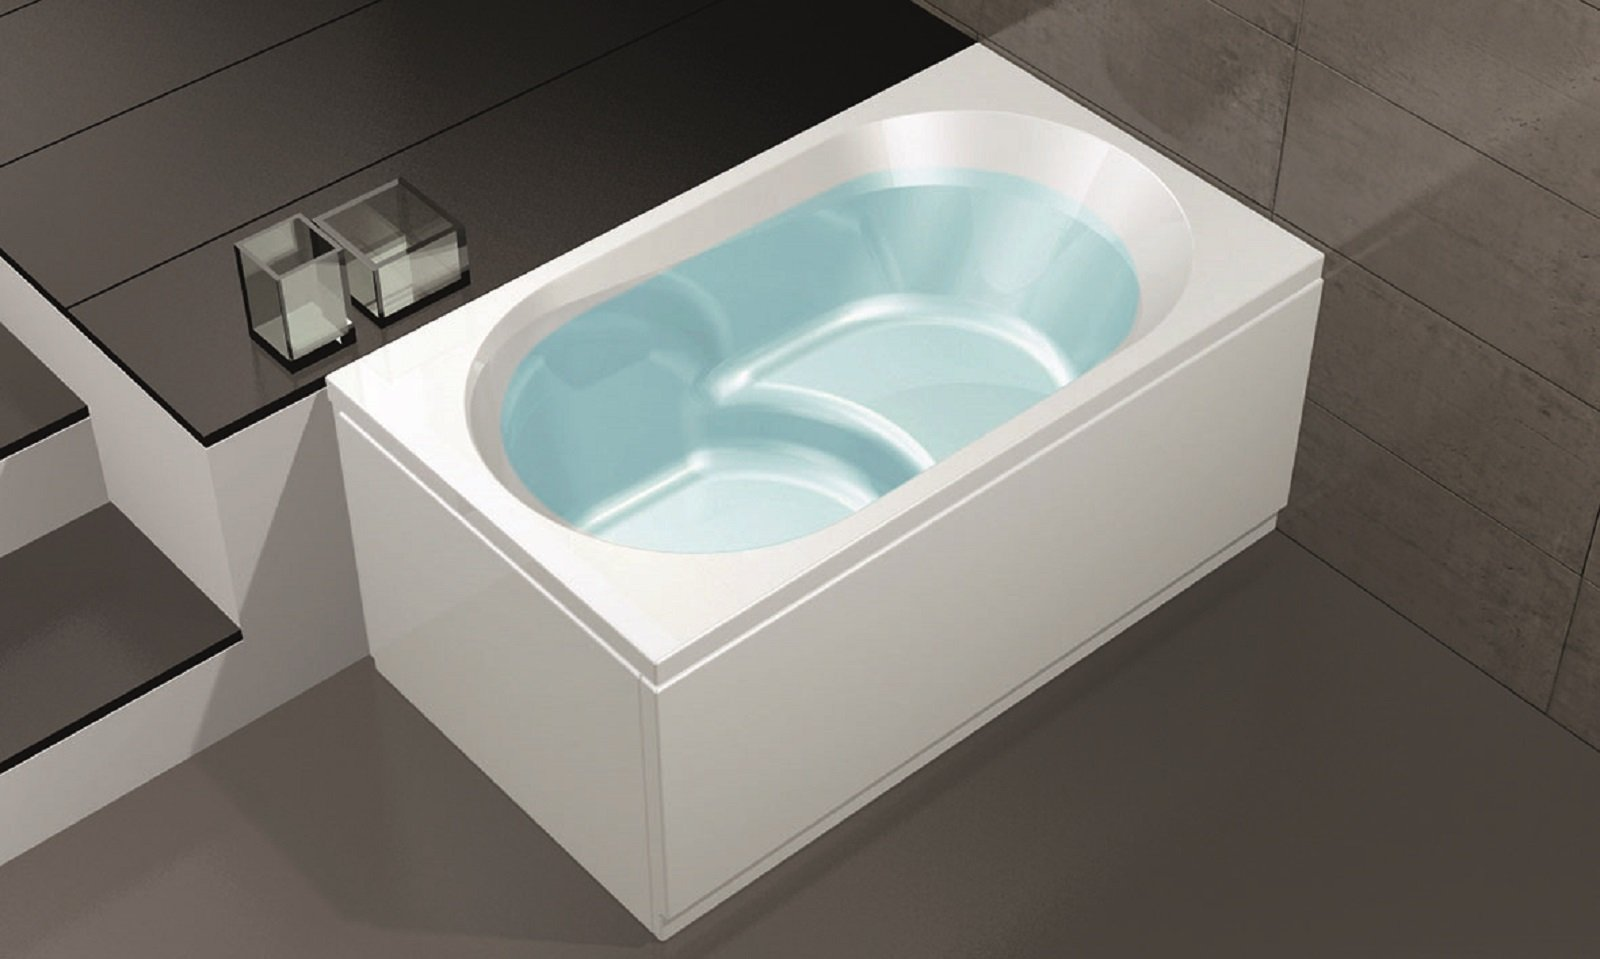 Vasca Da Bagno Piccola Design : Vasche piccole dalle dimensioni compatte e svariate misure e forme